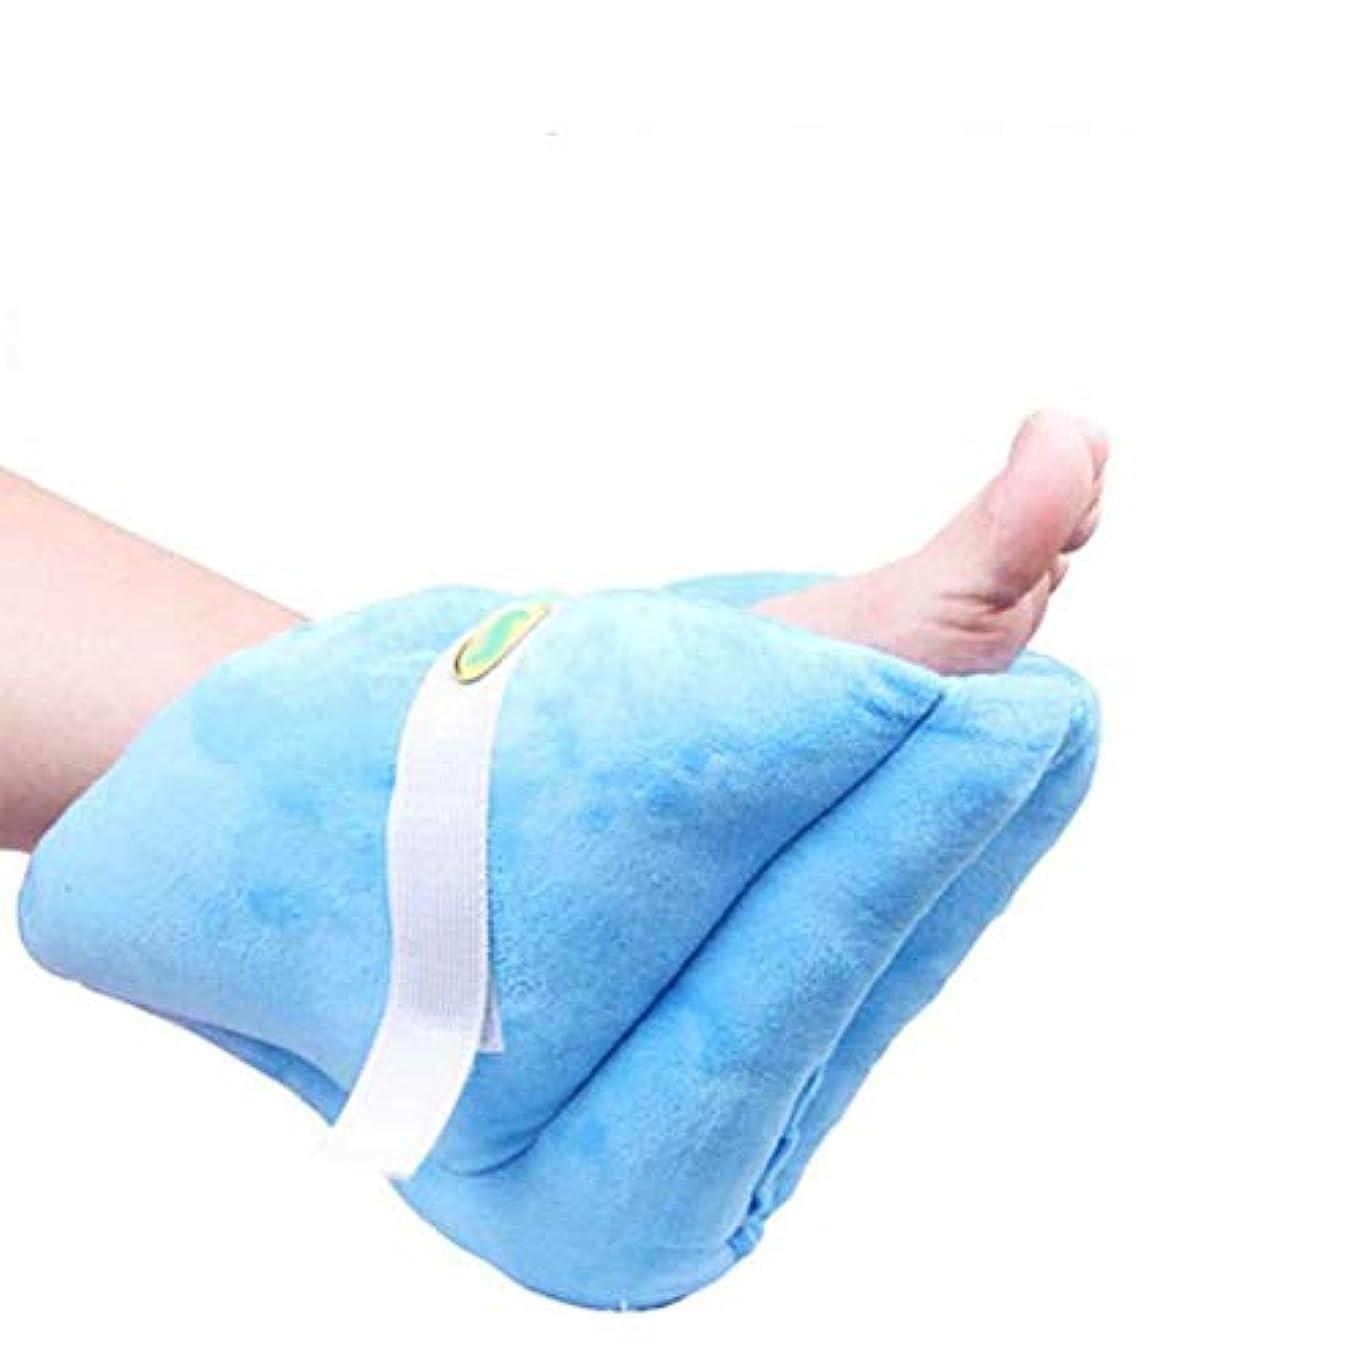 注ぎます昇進分数ヒールクッションプロテクター - 足と足首の枕 - ヒール保護ガード - 足、肘、かかと - ベッド&褥瘡を保護します,2pcs